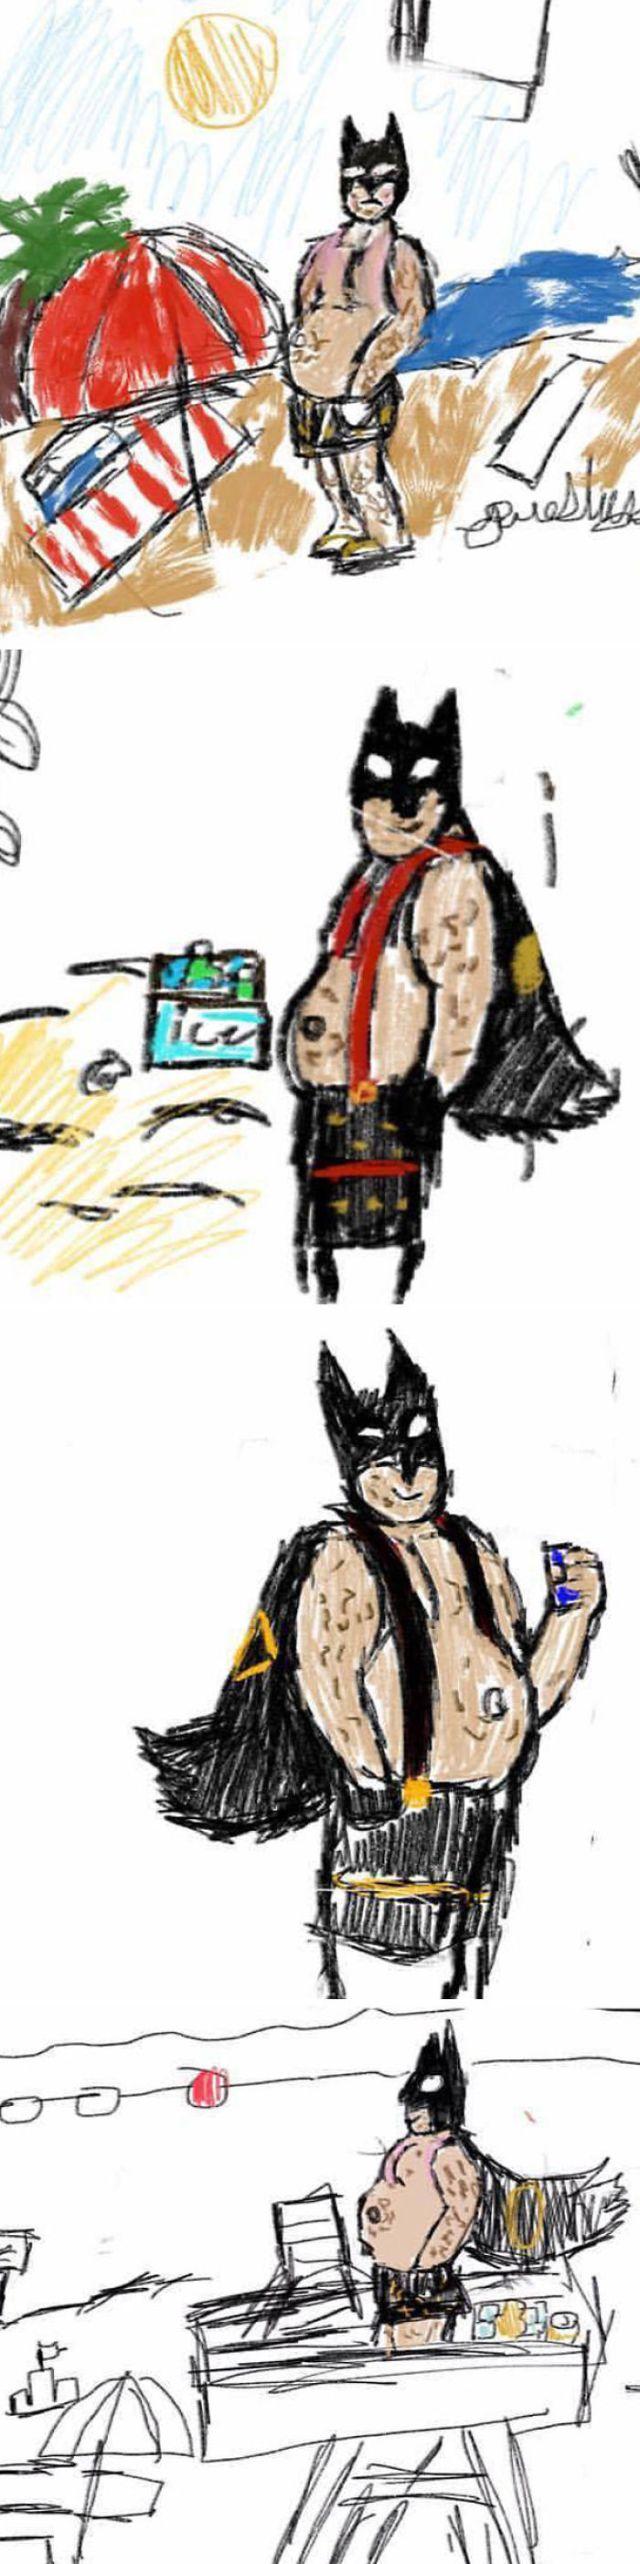 Mi hija de once años ha comenzado a dibujar a Batman obeso y de mediana edad en la playa